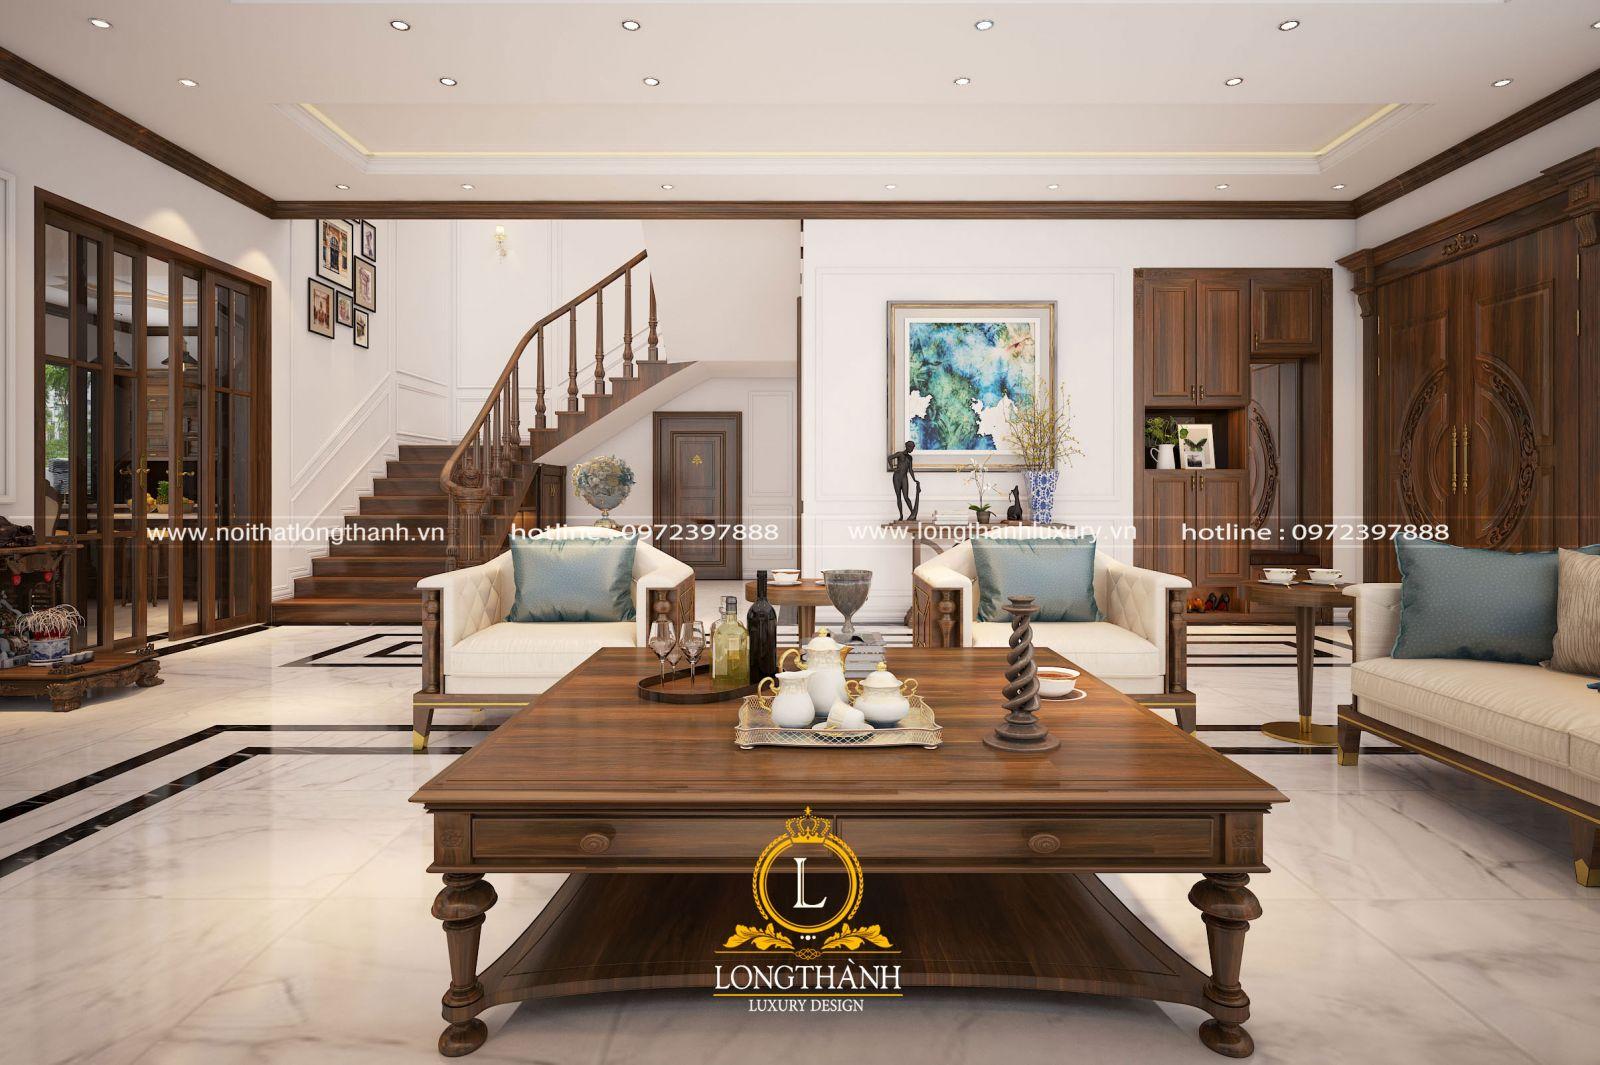 Nội thất phòng khách hiện đại sang trọng và tinh tế